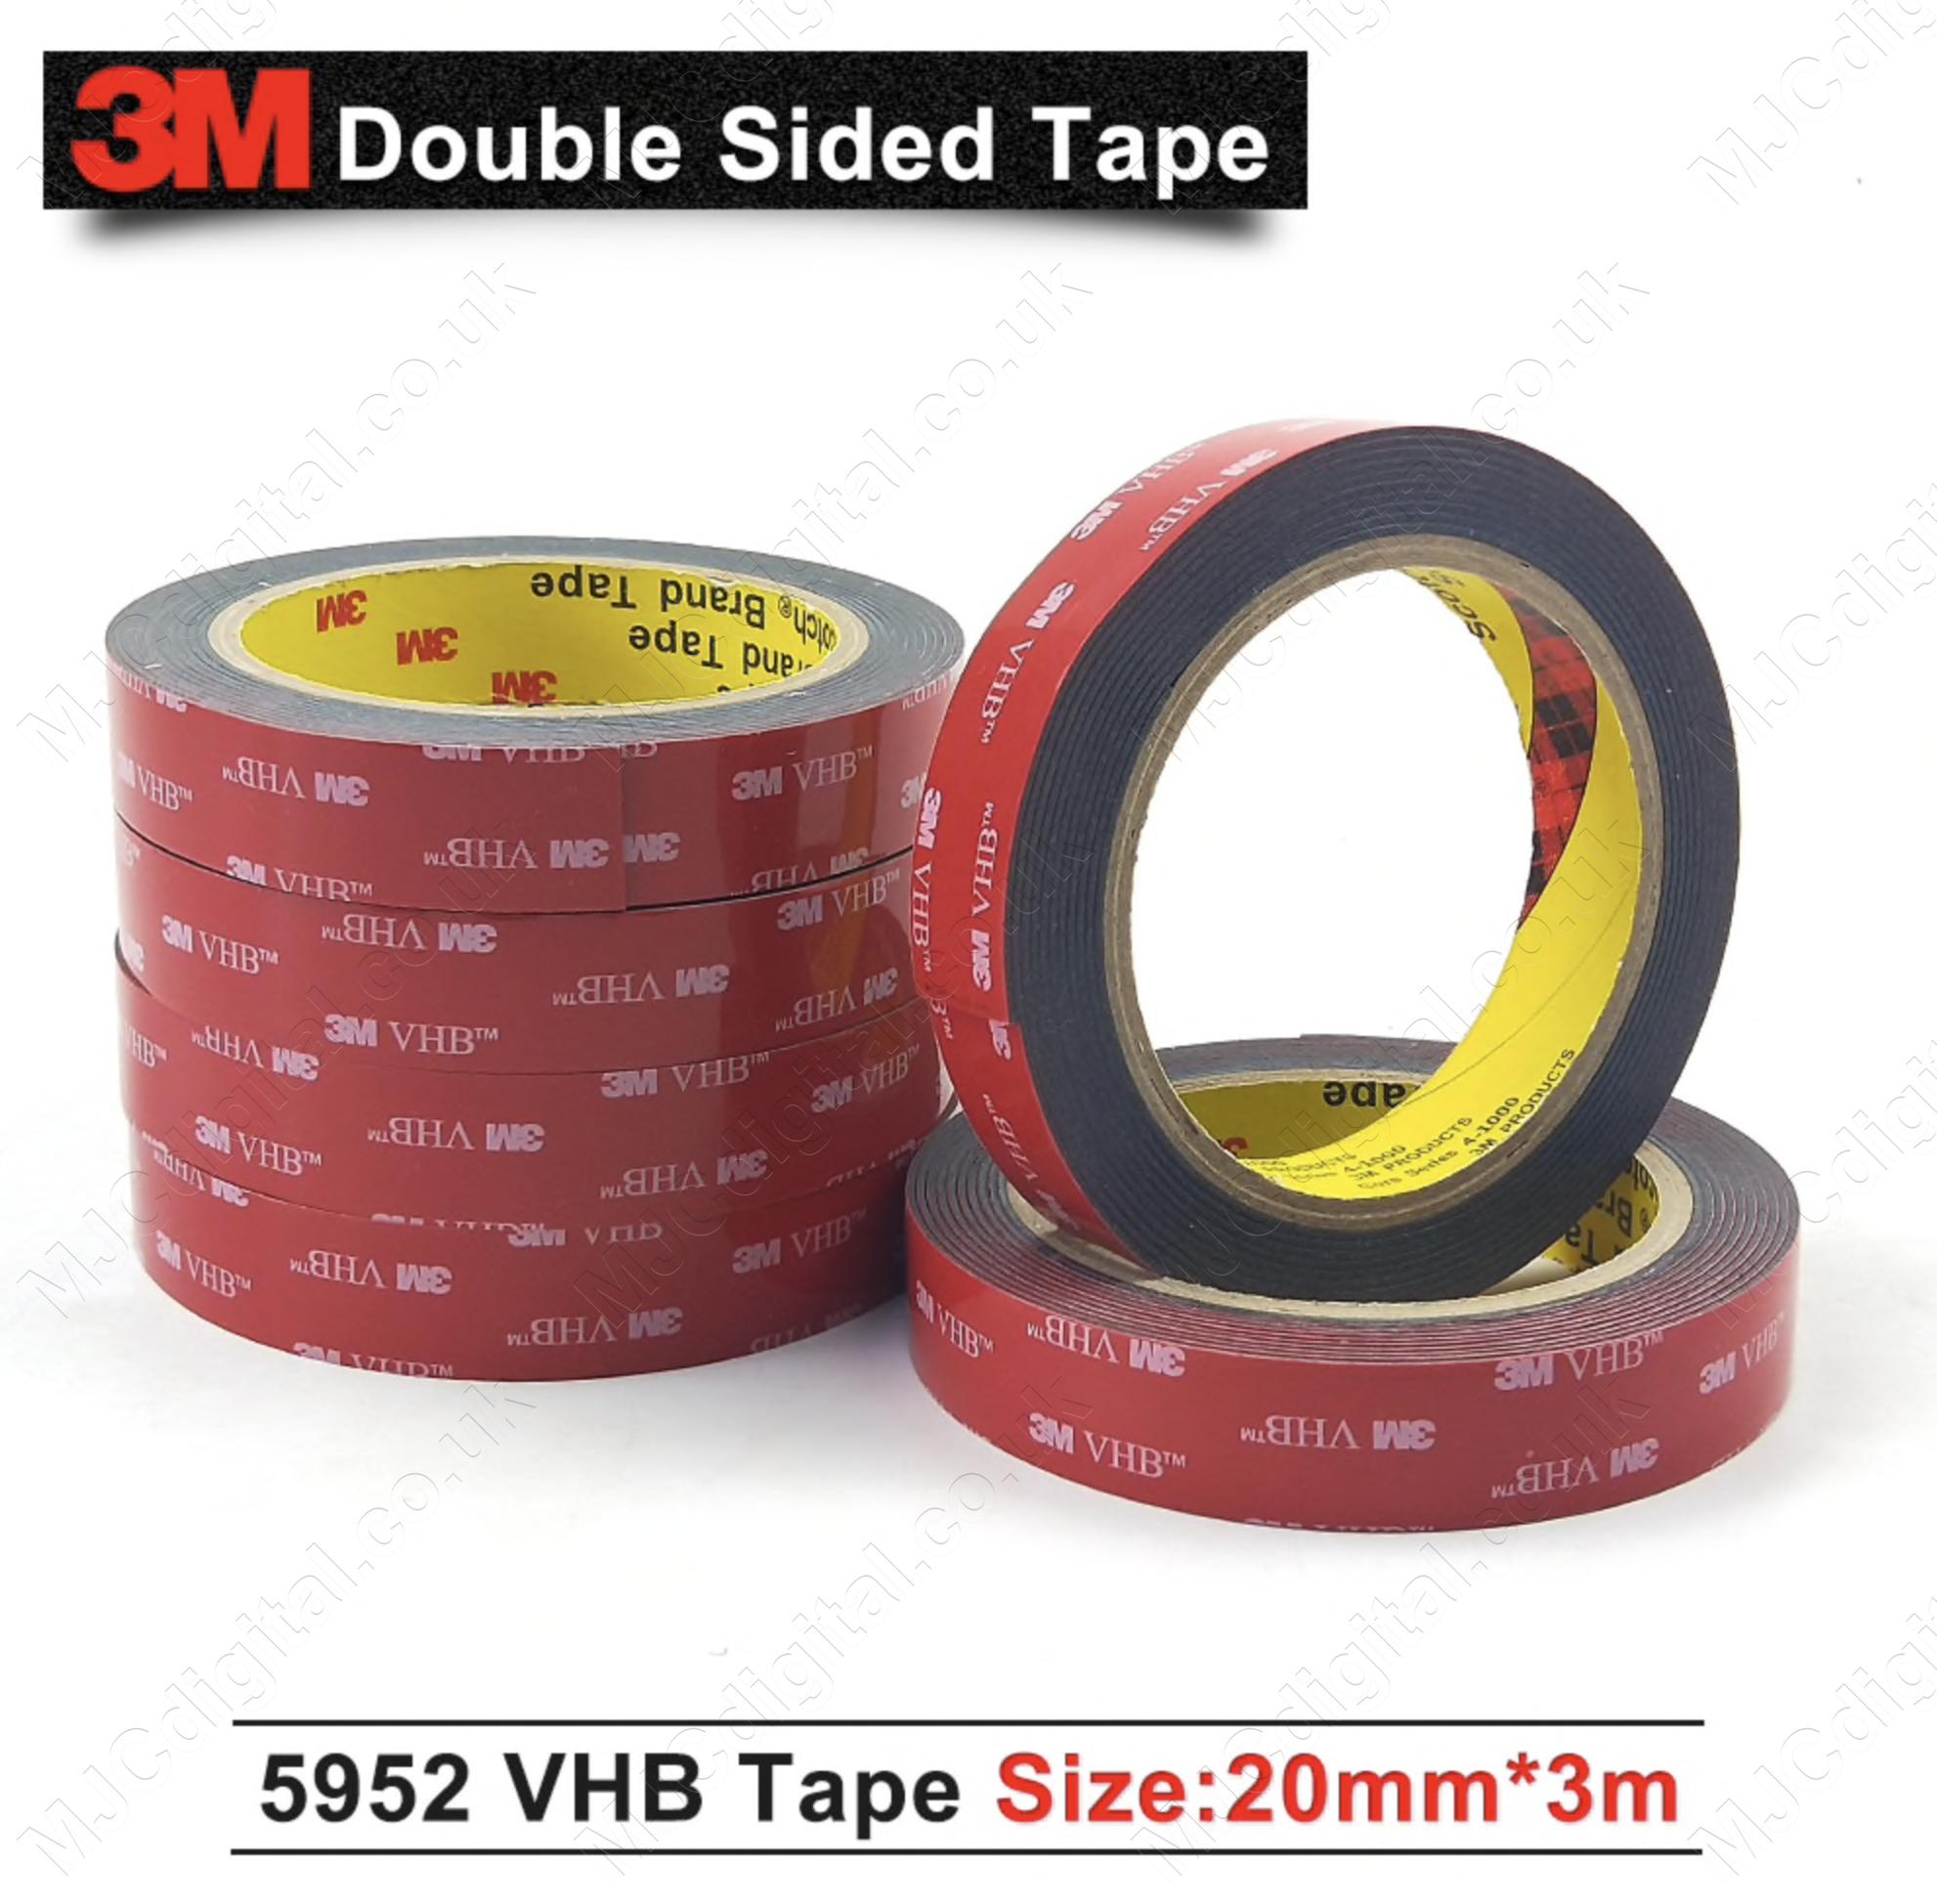 3M VHB 20mm x 3m x 1.1mm BLACK